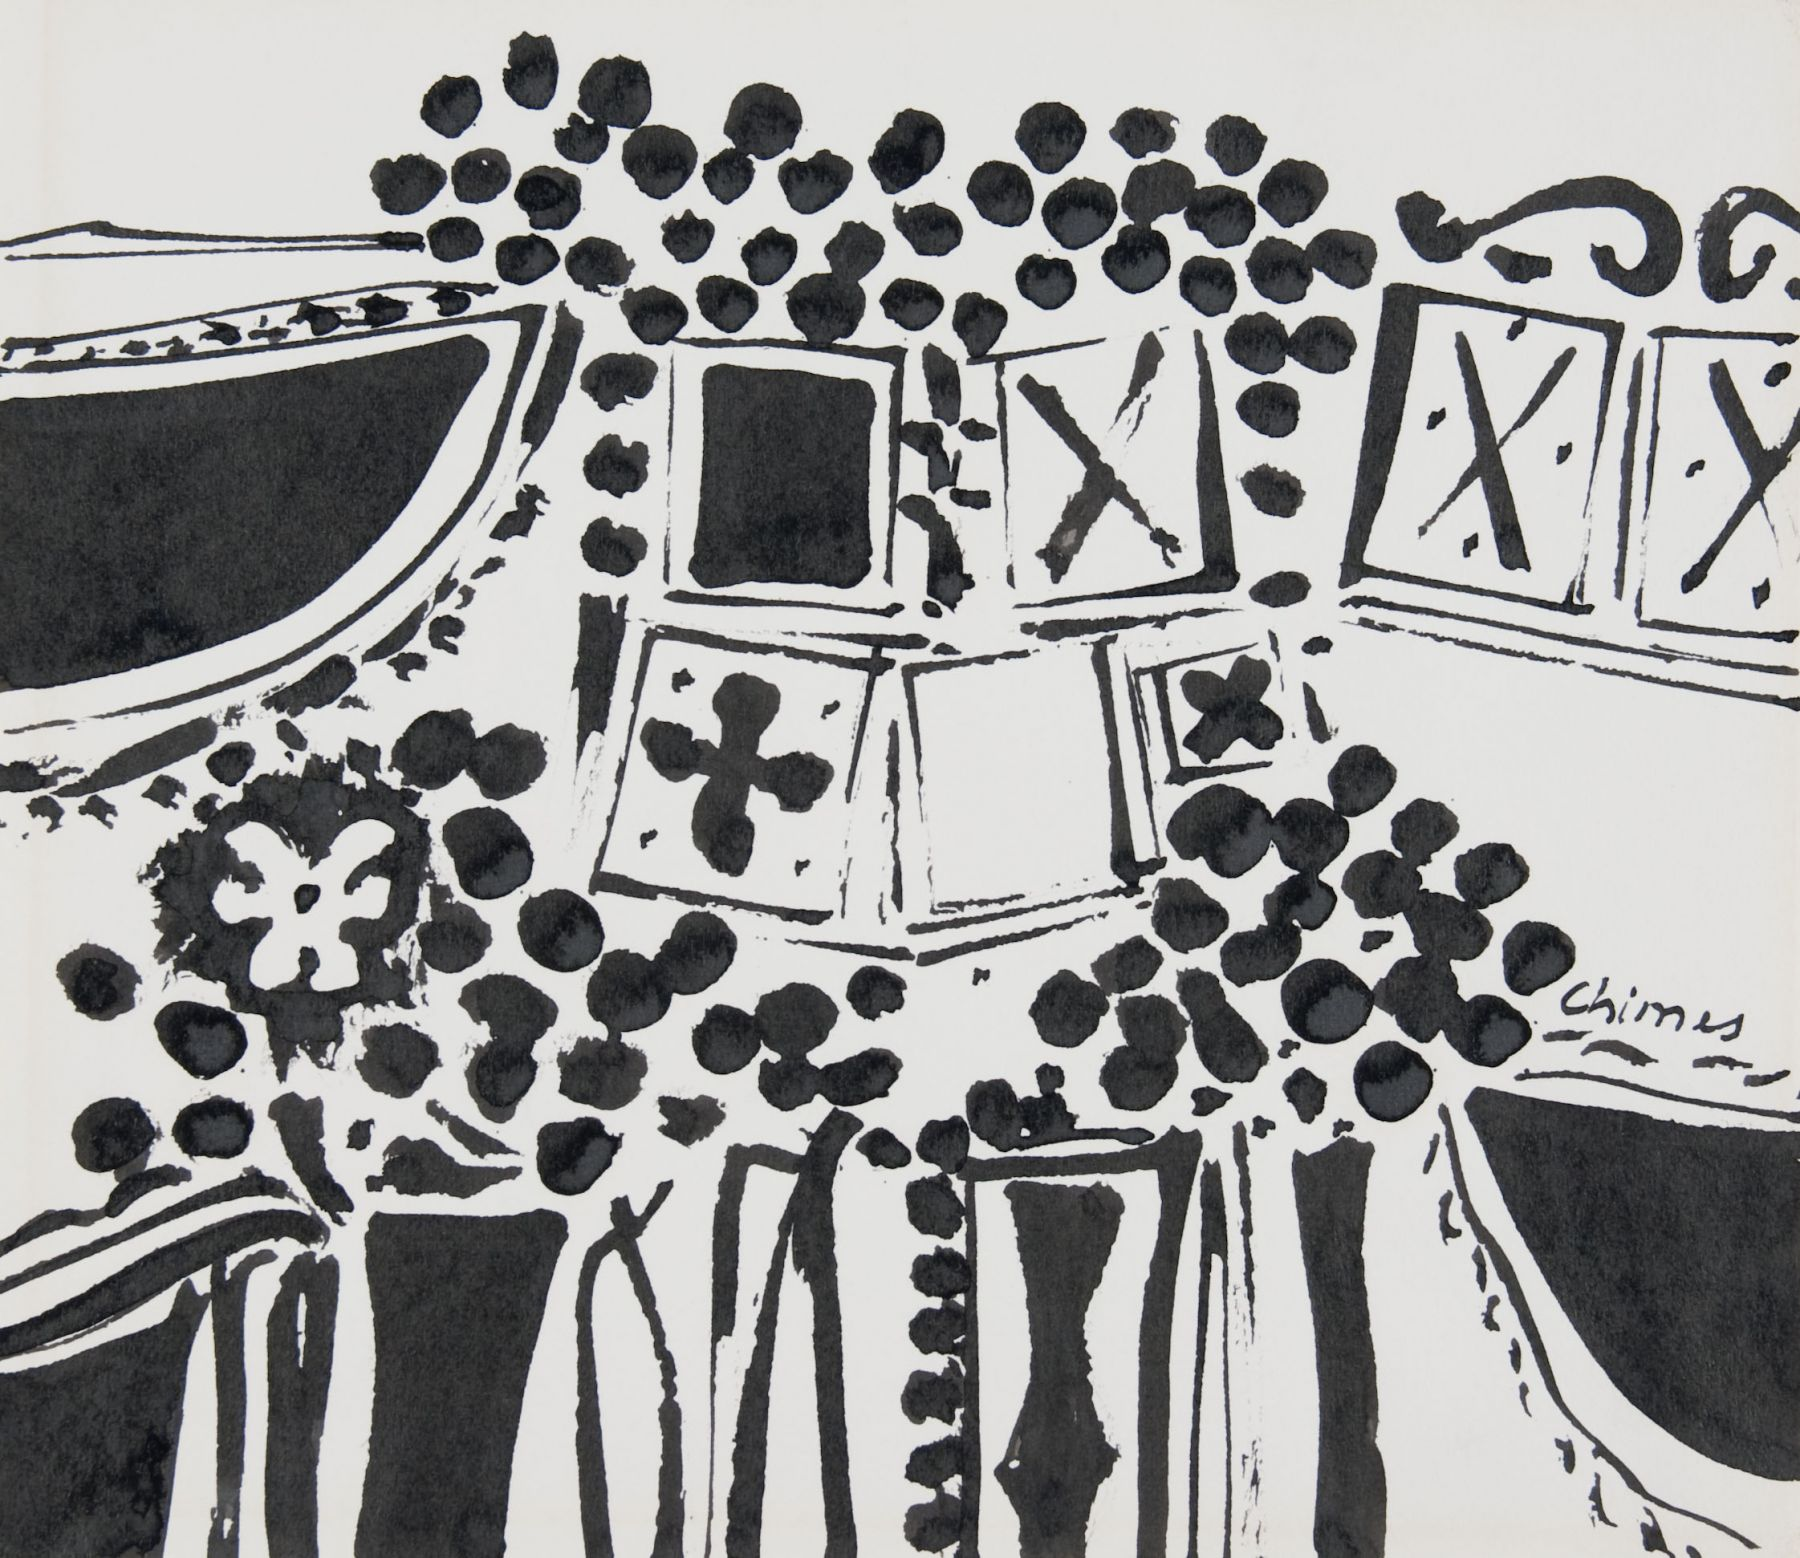 Thomas Chimes drawing Locks Gallery